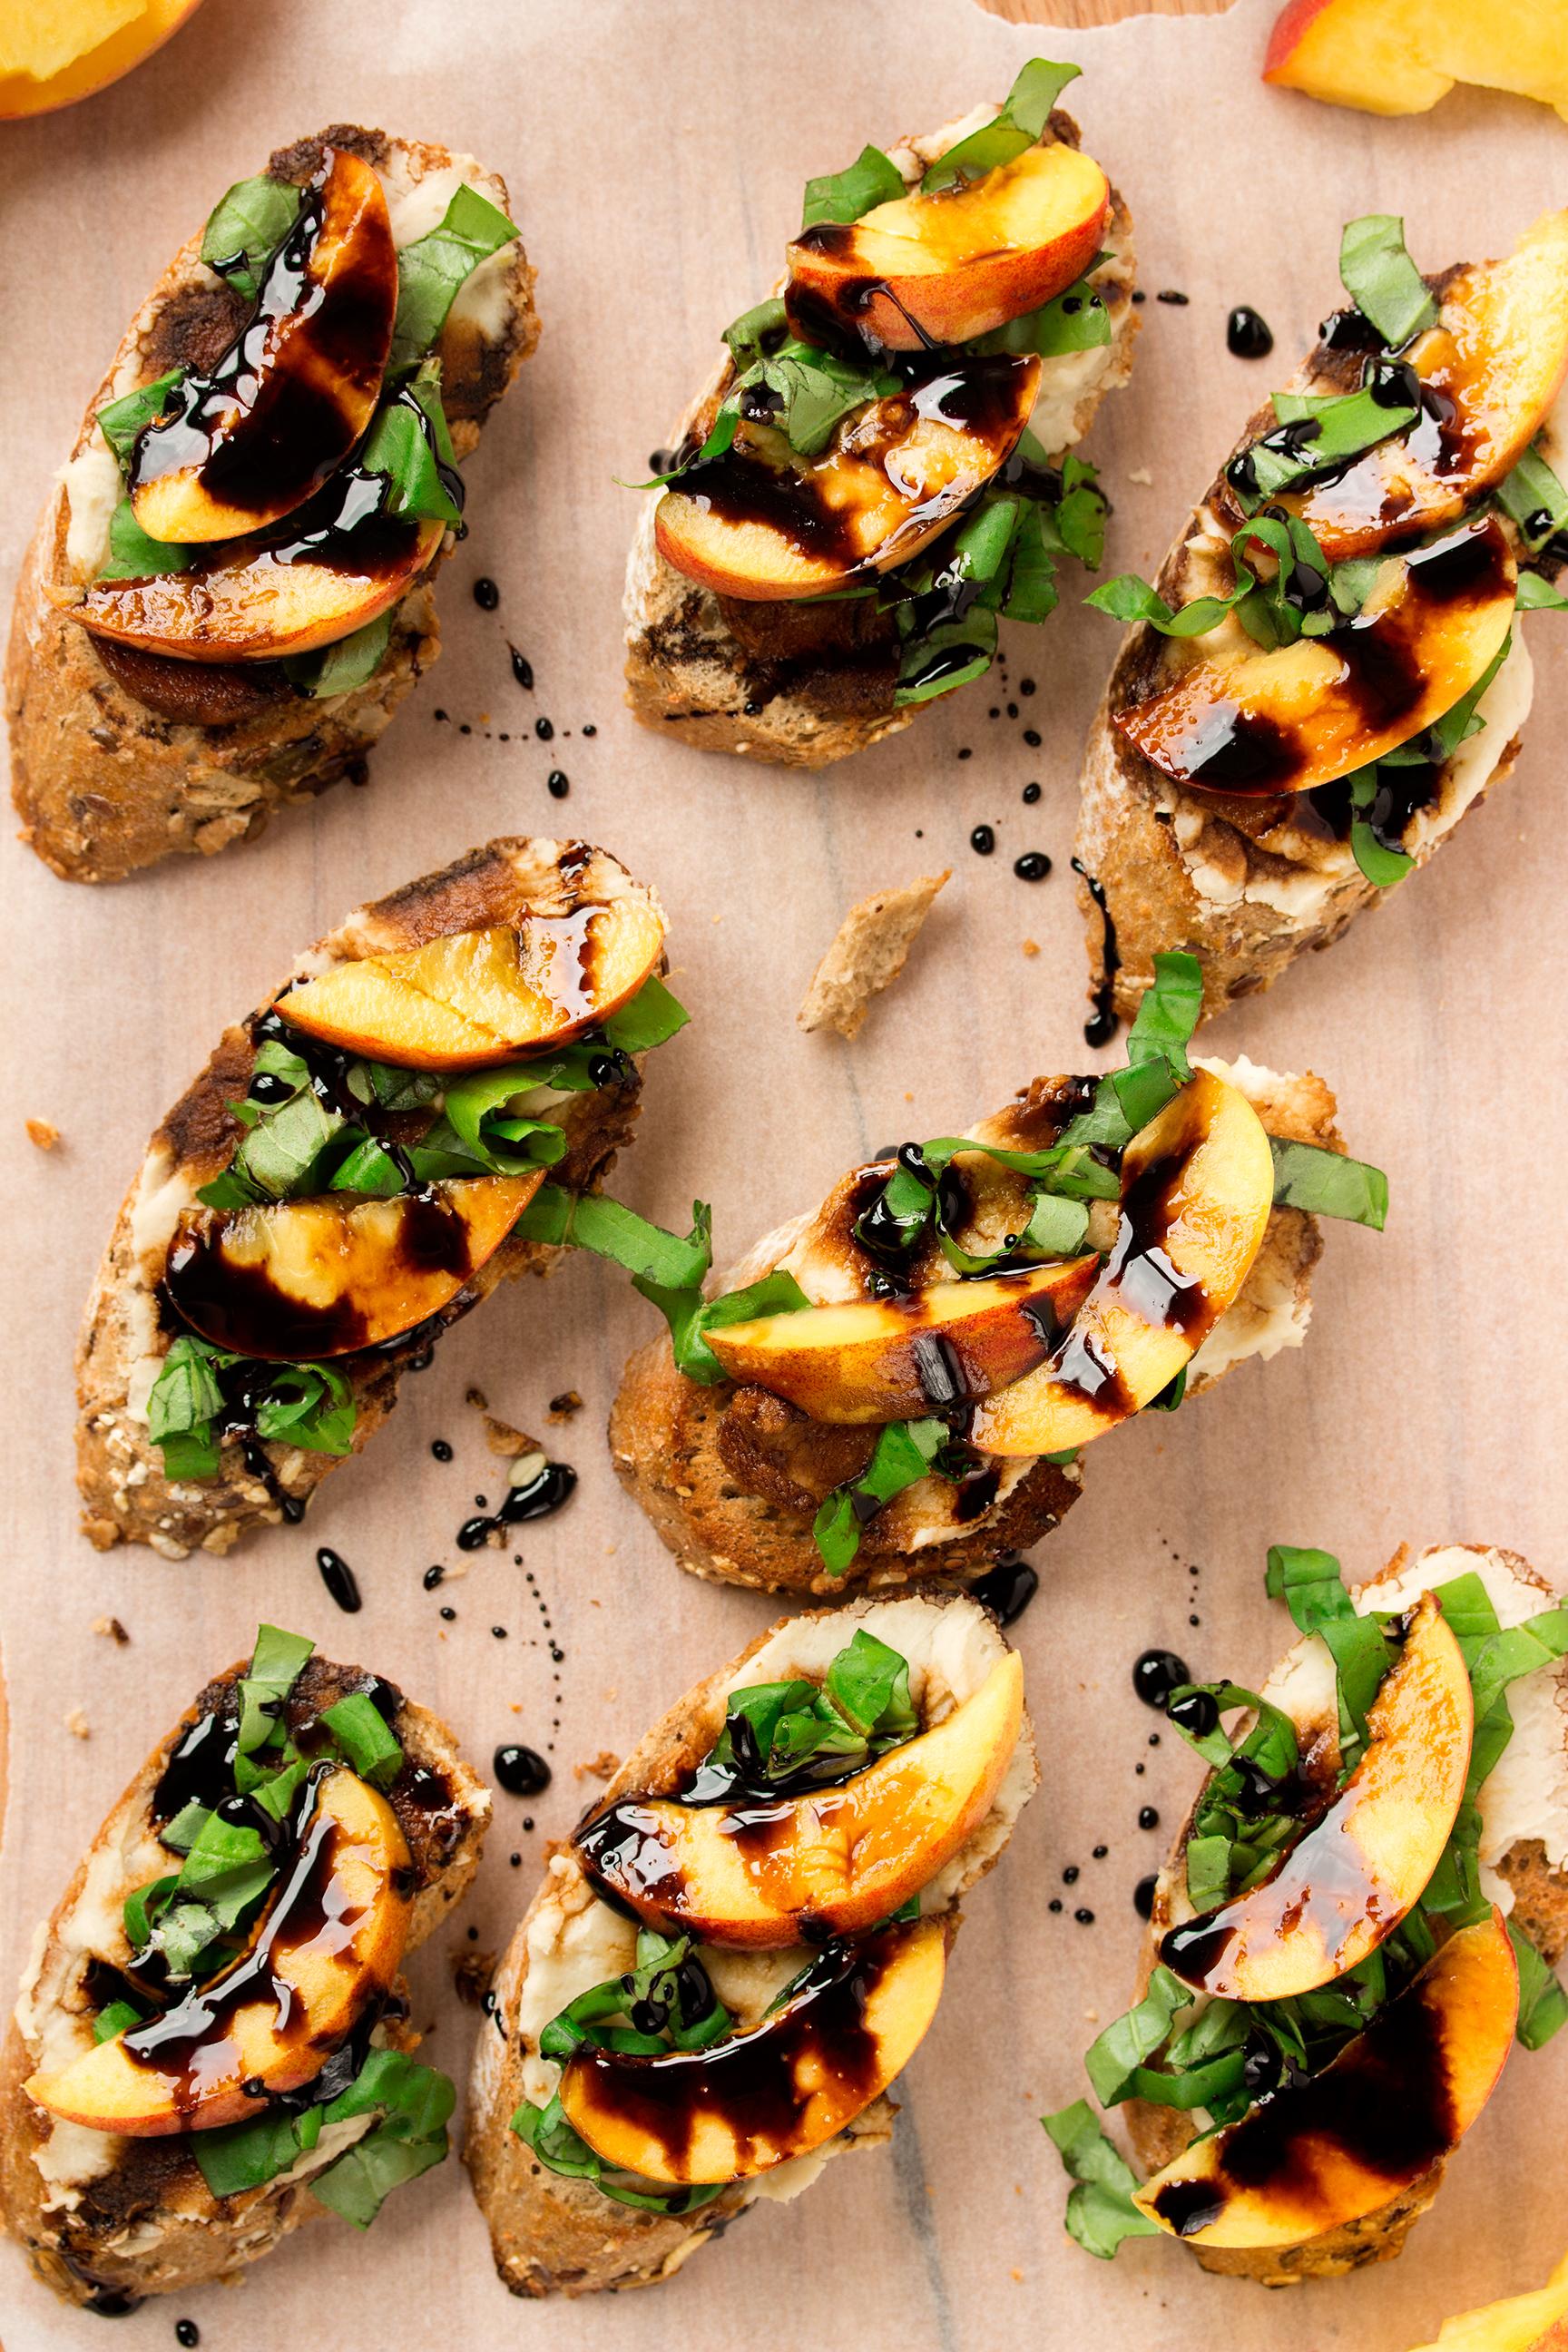 Finger Food Aperitivo Estivo bruschette vegan con pesche, aceto balsamico, basilico e crema di fagioli  bianchi